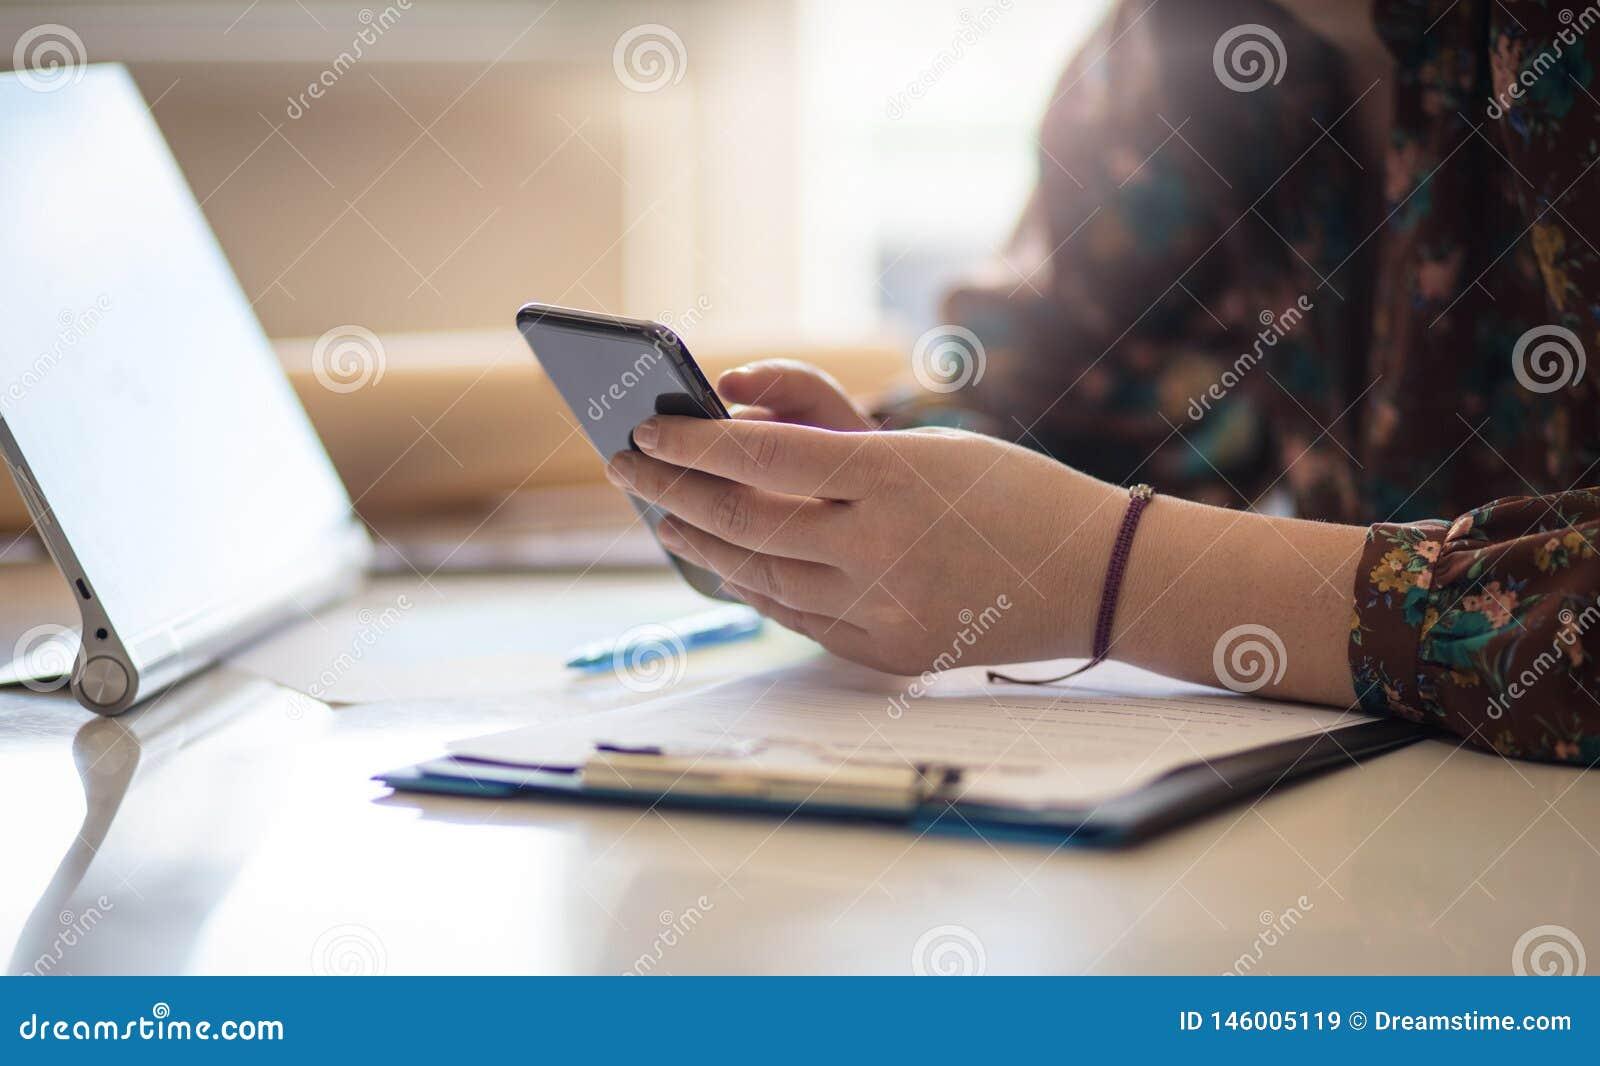 您的客户等待收到你的来信